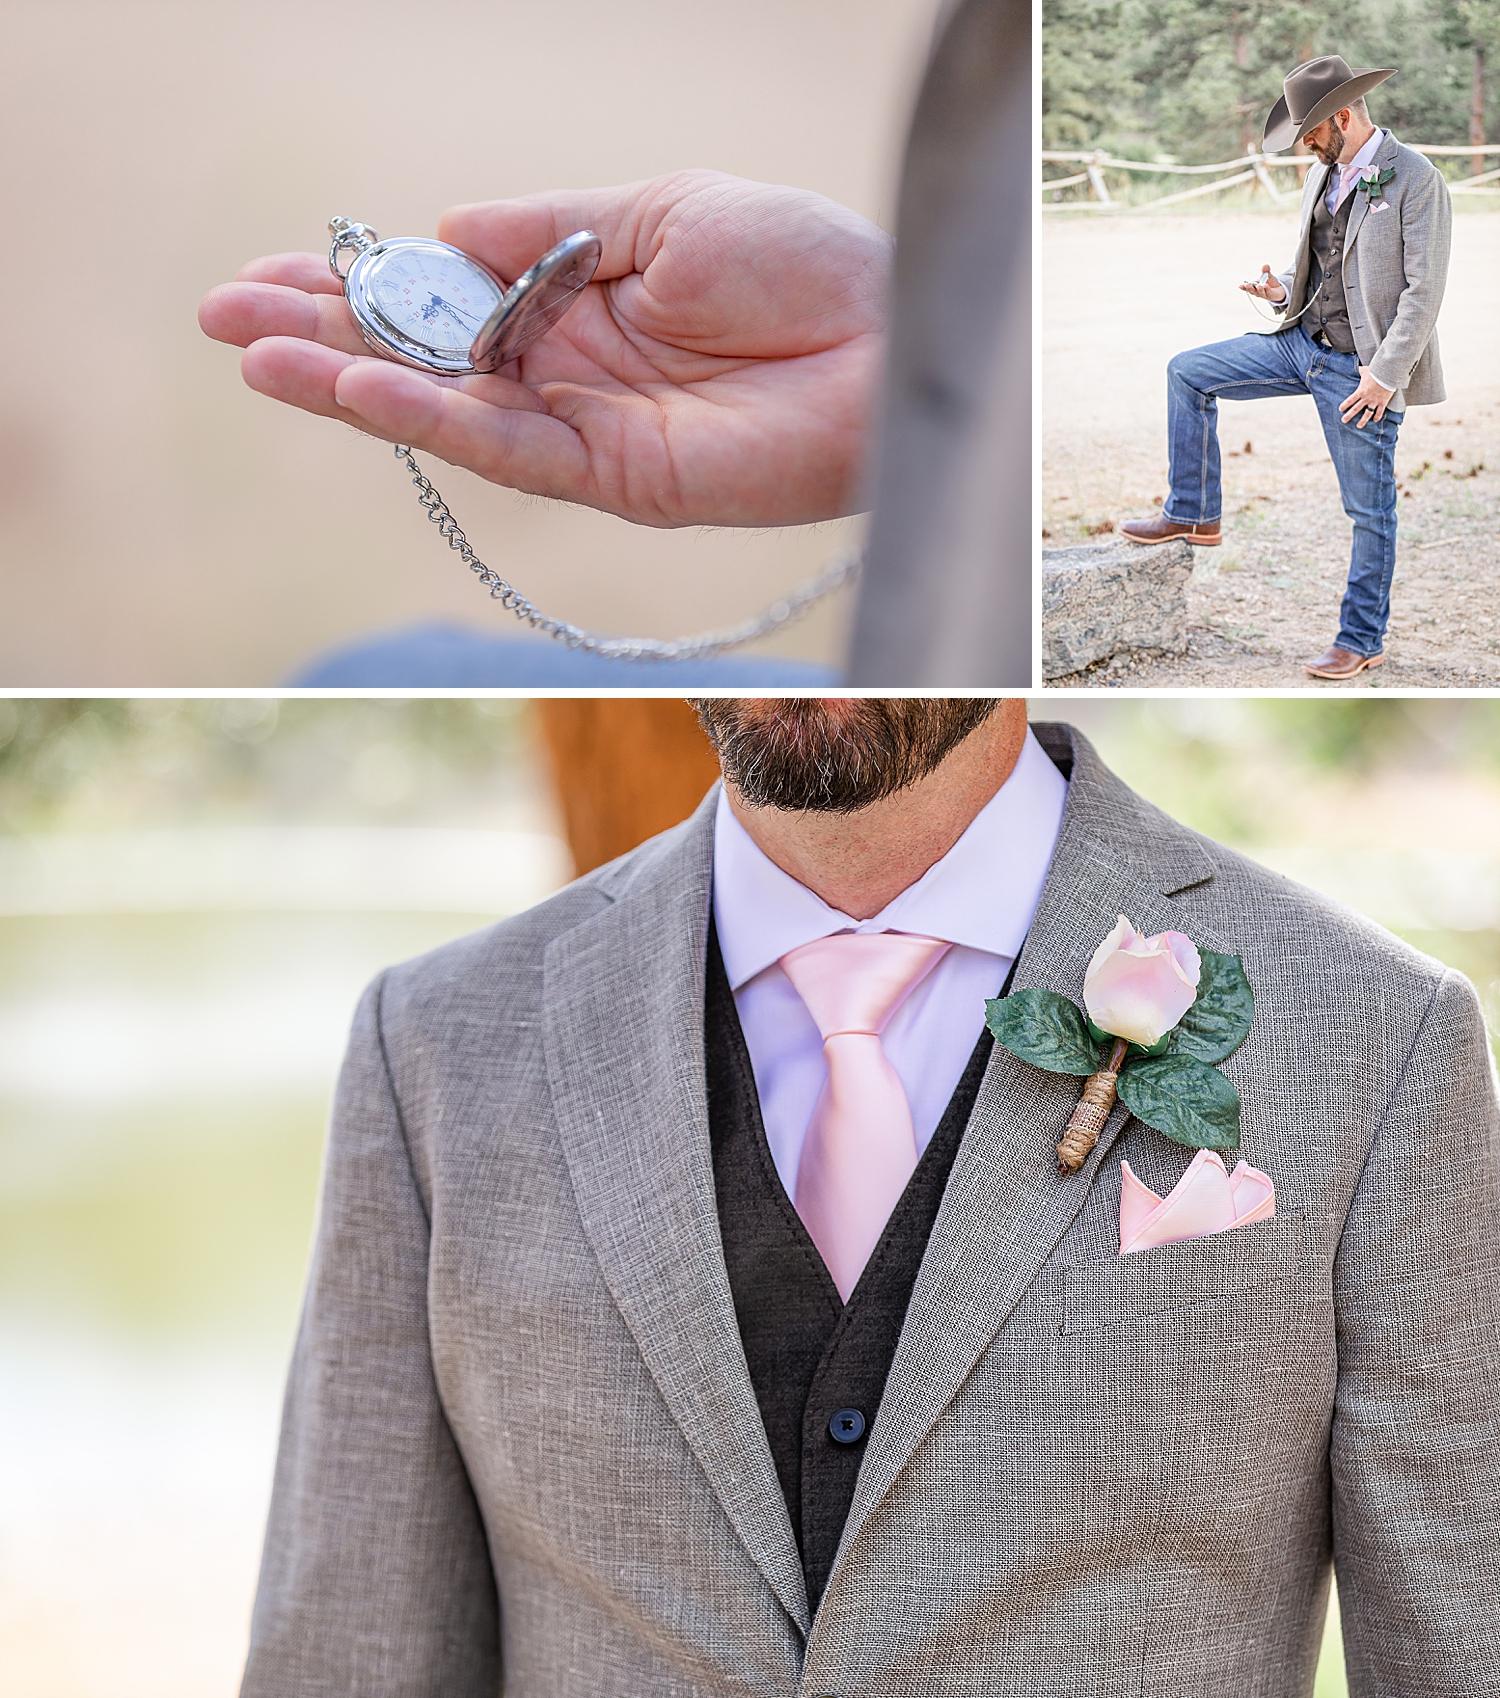 Carly-Barton-Photography-Rocky-Mountain-National-Park-Estes-Park-Wedding-Elopement_0057.jpg